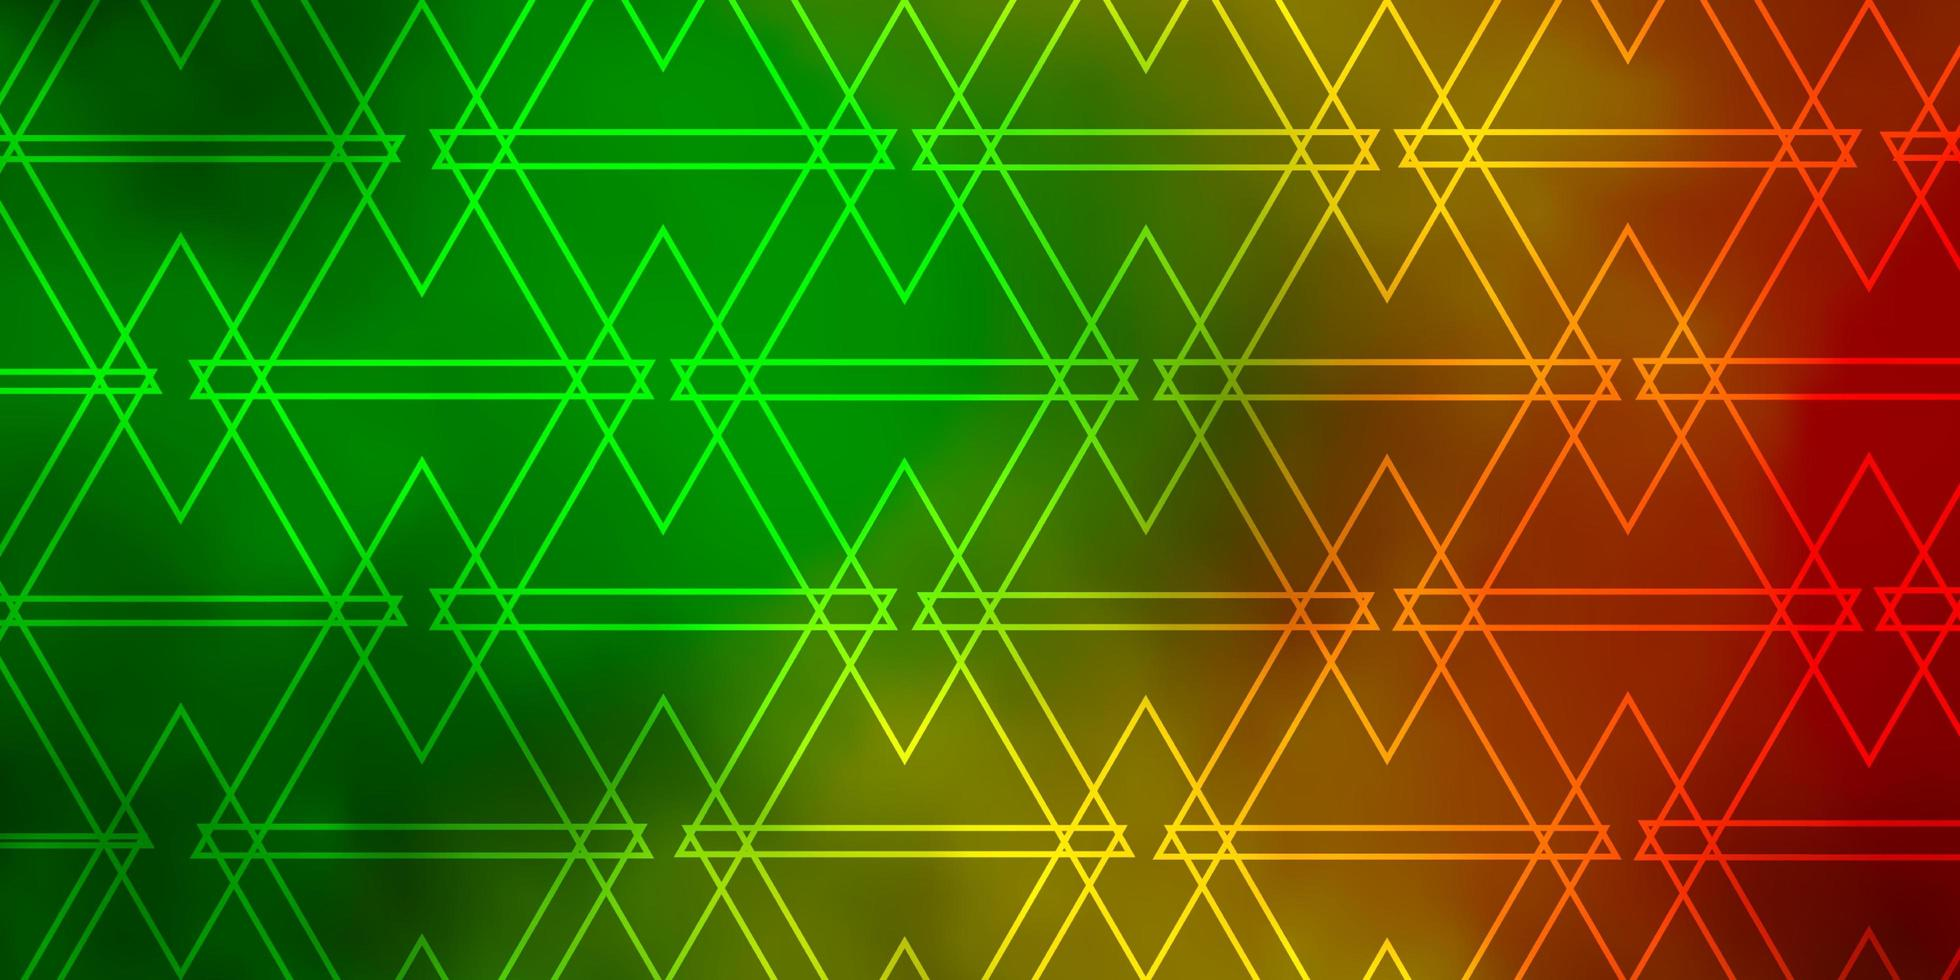 donkergroen, geel patroon met veelhoekige stijl. vector